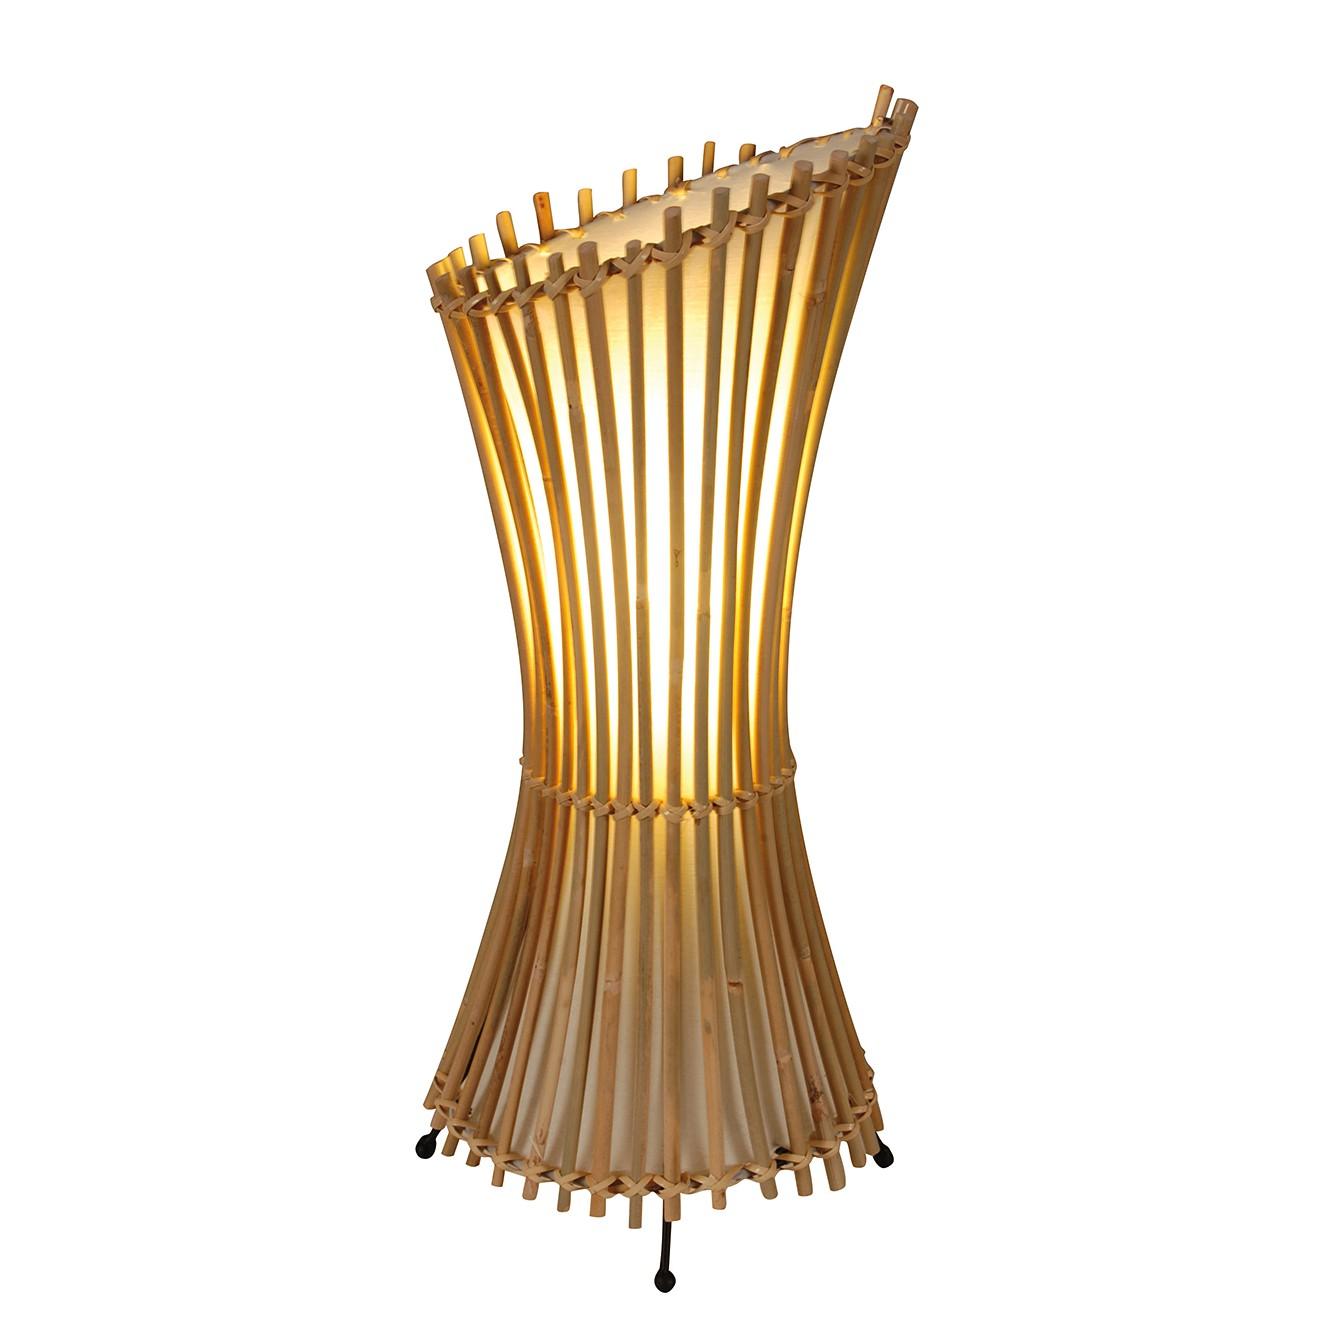 Tischleuchte Weave ● Geflecht/Stoff ● Beige ● 1-flammig- Näve A++